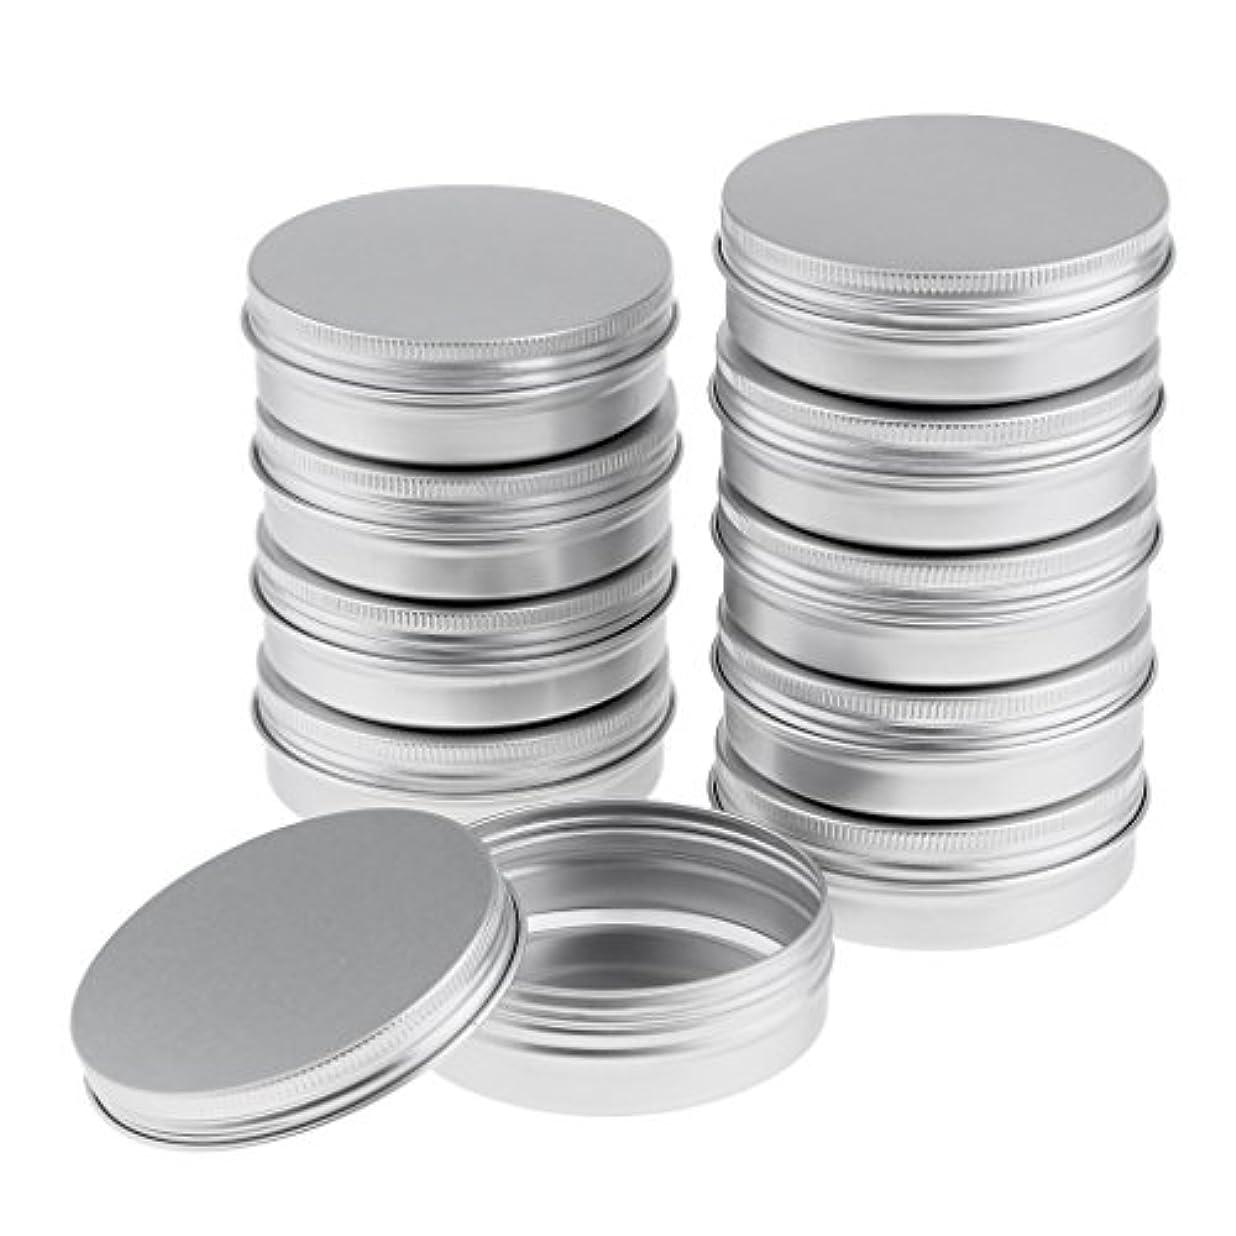 10個 空缶 空ジャー コスメ用 詰替え容器 ラウンド アルミ スクリュー蓋付き 収納 メイク道具 3サイズ選べる - 8.2x2.7 cm